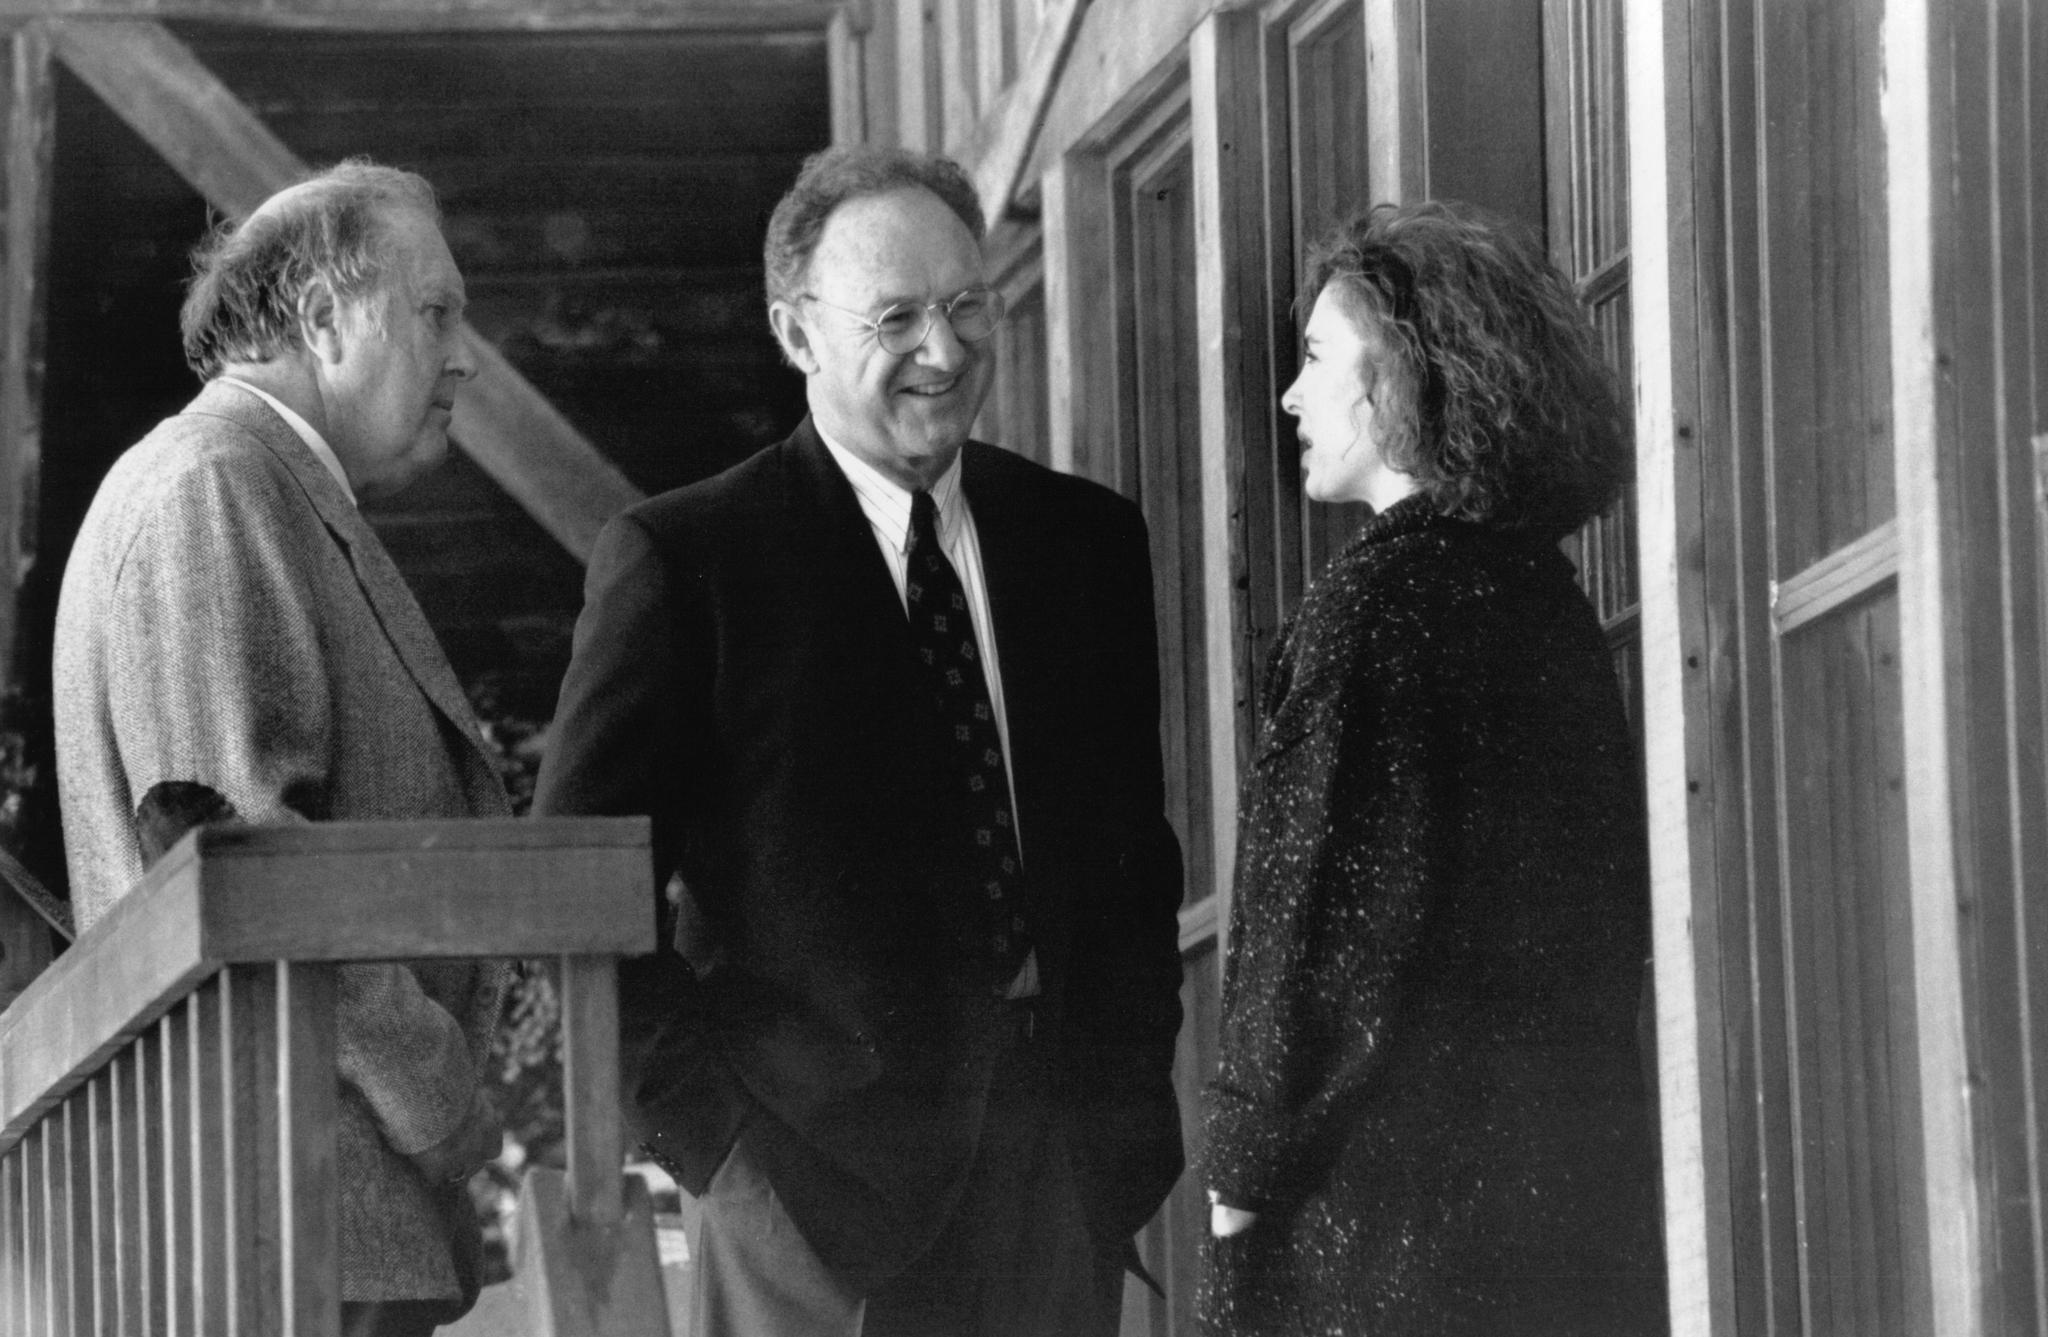 Anne Archer, Gene Hackman, and M. Emmet Walsh in Narrow Margin (1990)